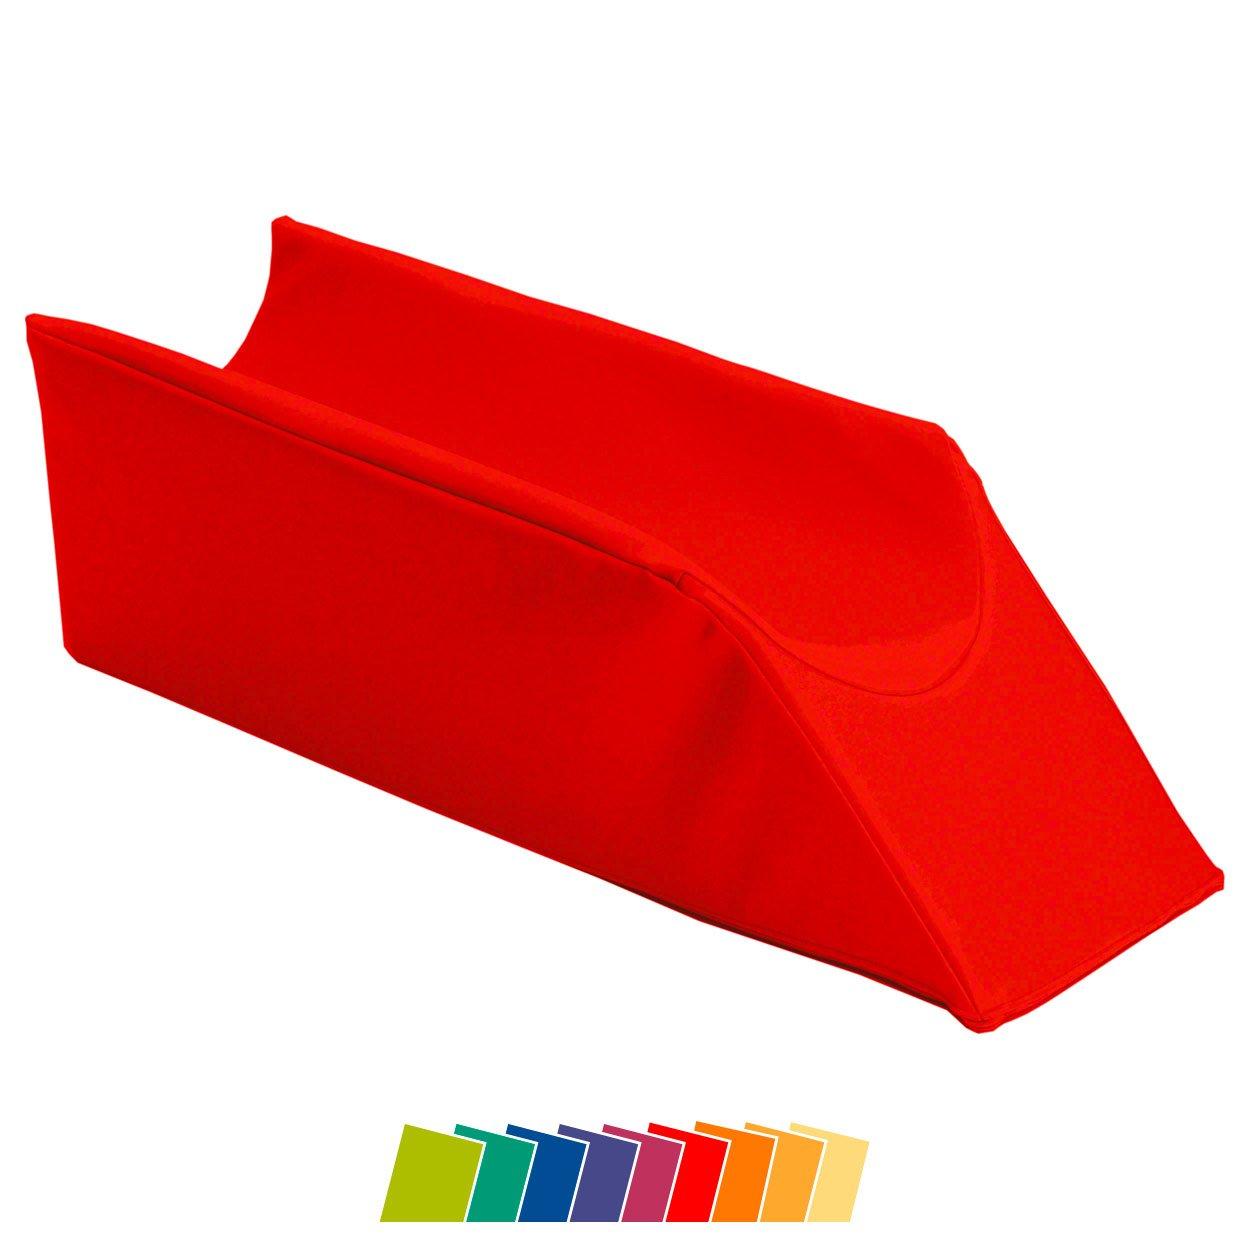 Lagerungskeil mit Beinmulde Lymphdrainagekeil Lymphkeil Lagerungskeil, 75x20 cm Sport-Tec